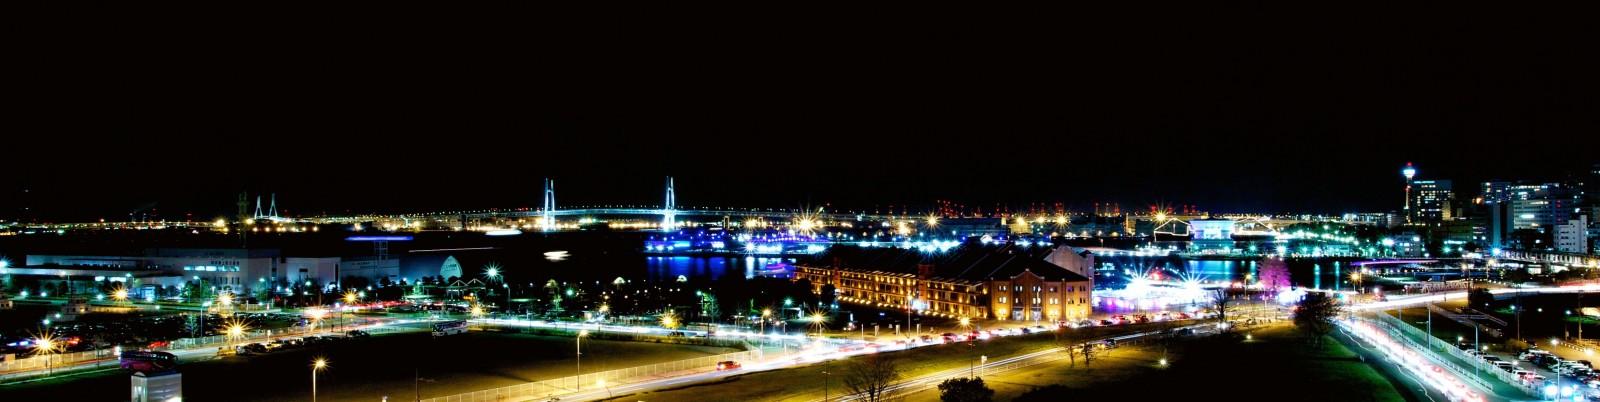 横浜(みなとみらい)の夜景